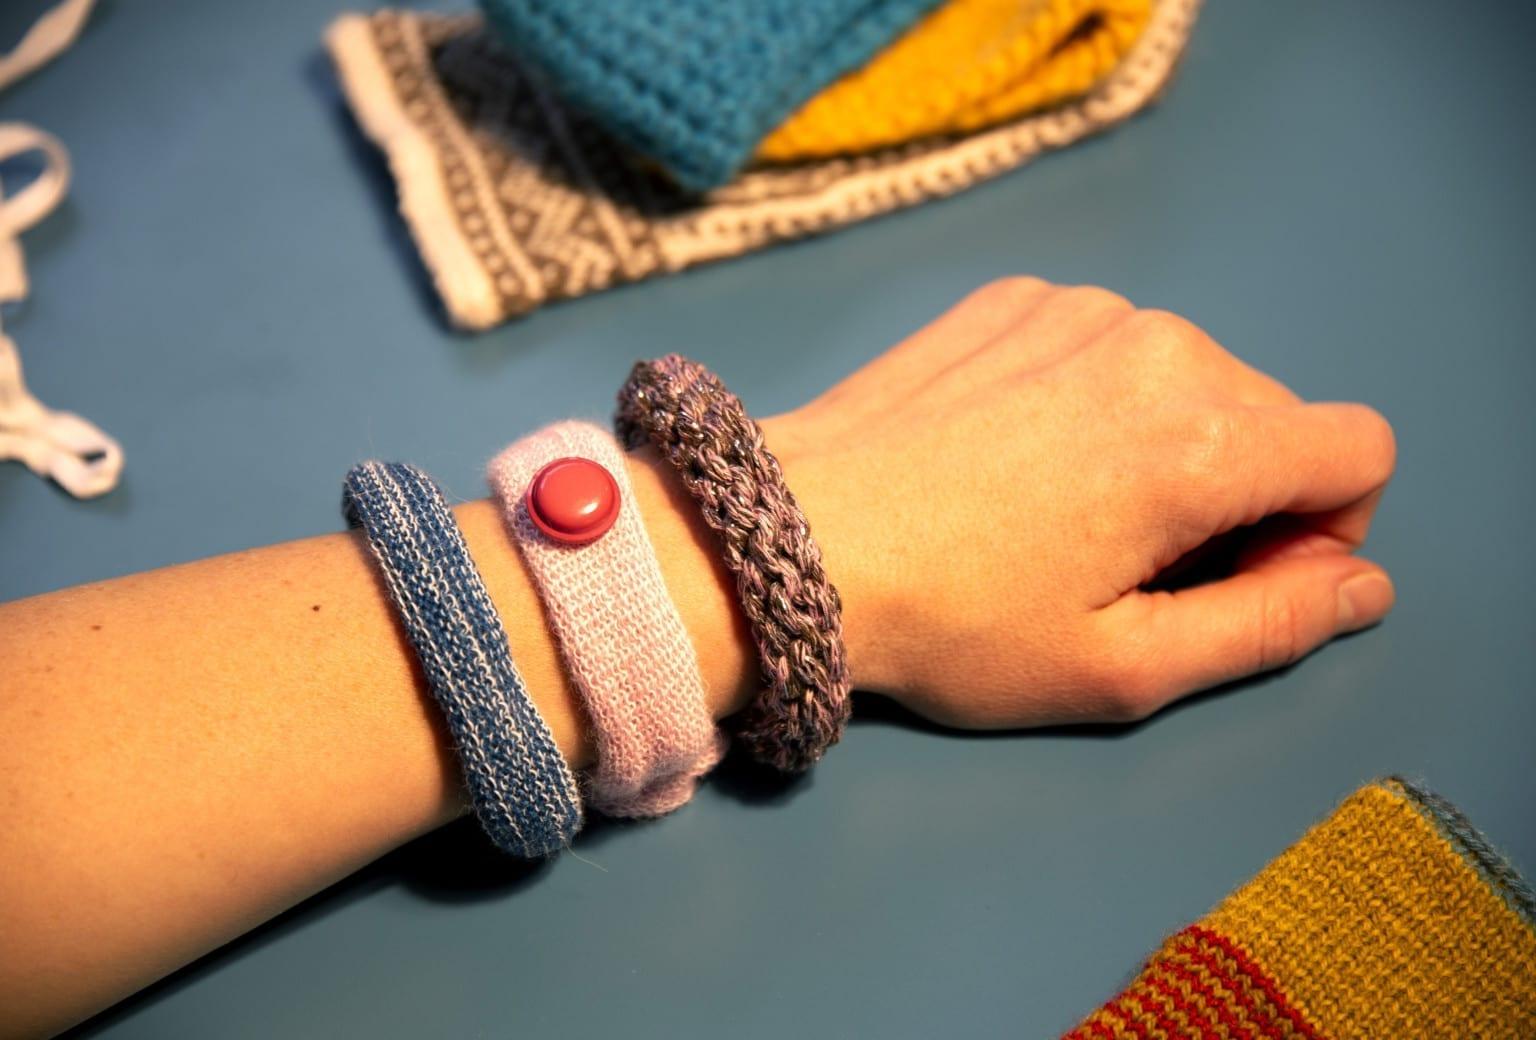 Vinterworkshop med strik for børn på Tekstilmuseet i Herning